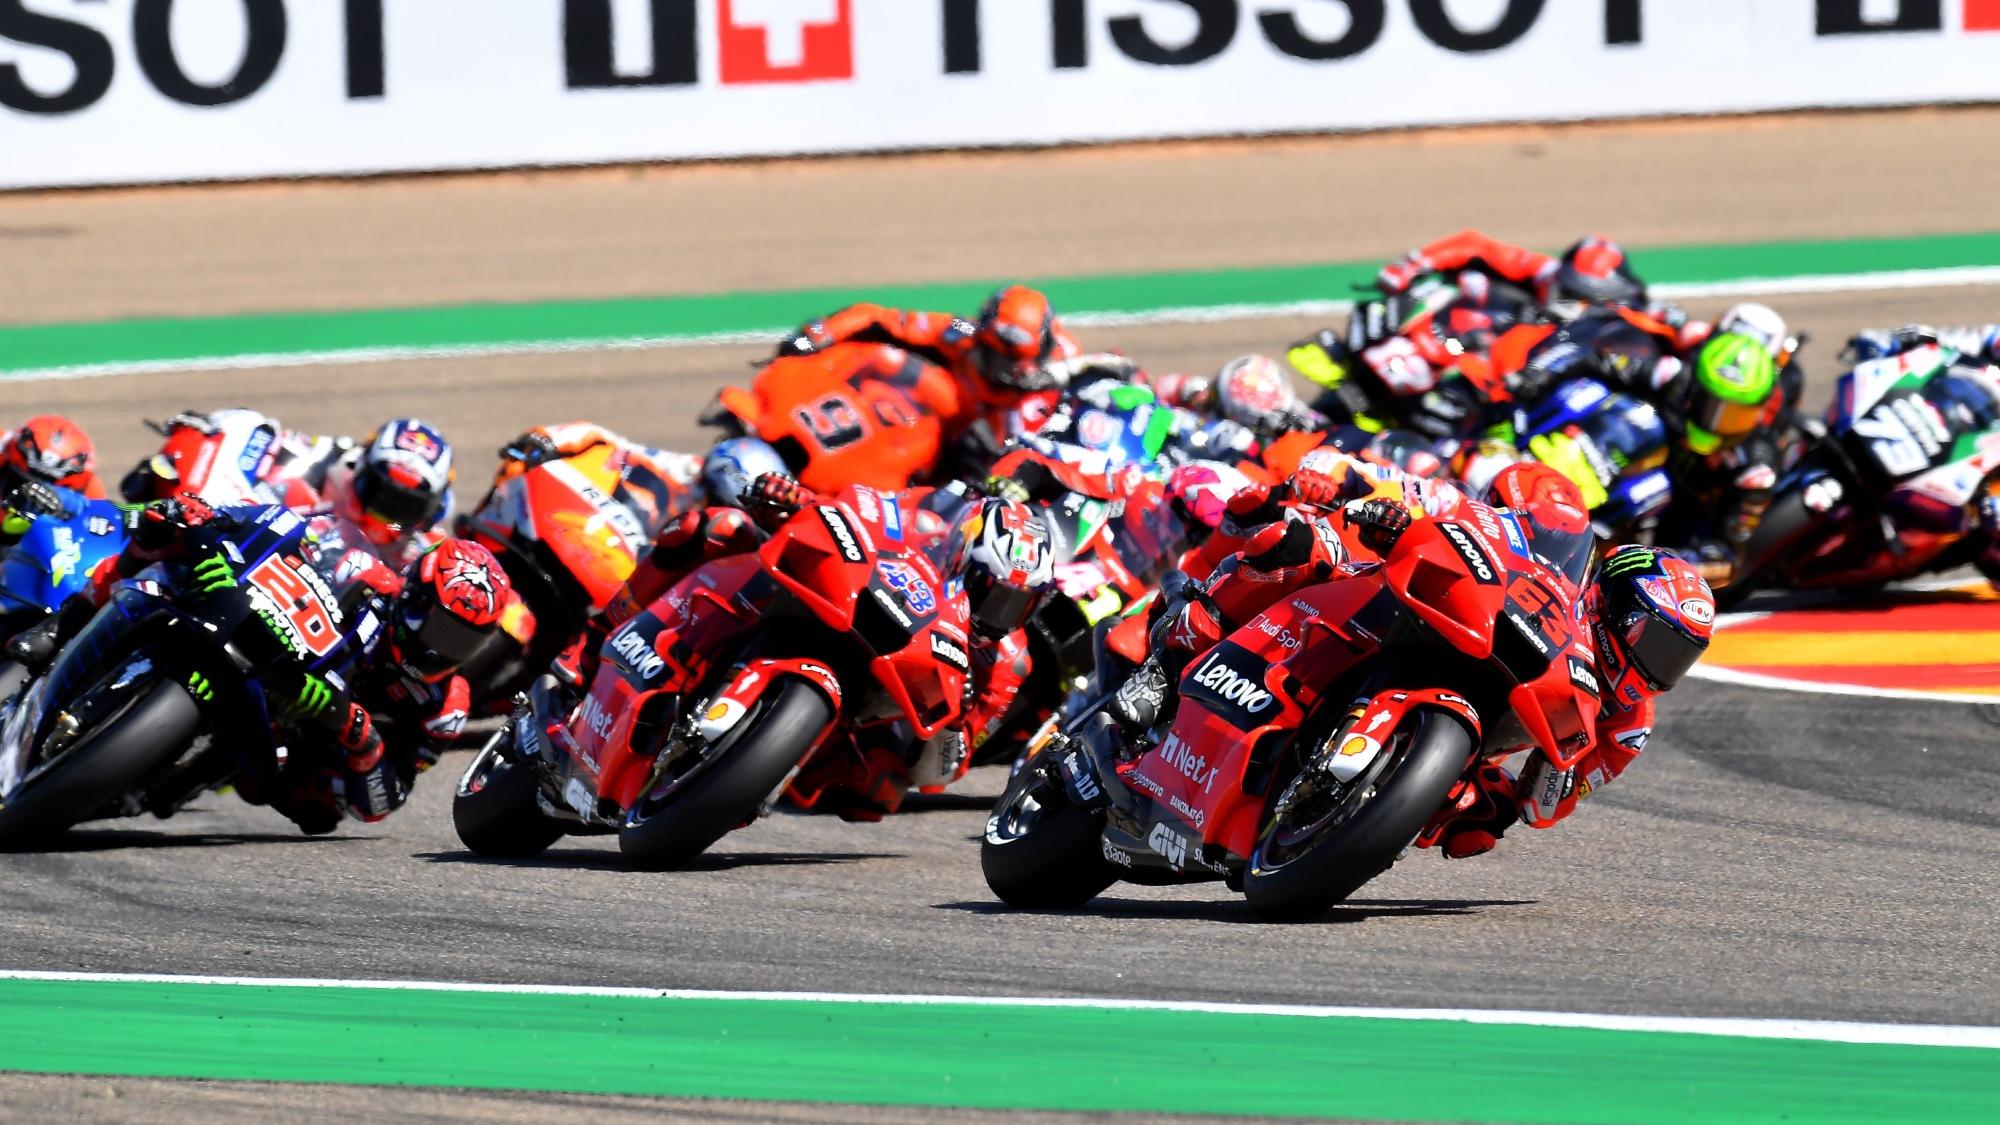 2021 MotoGP Aragon